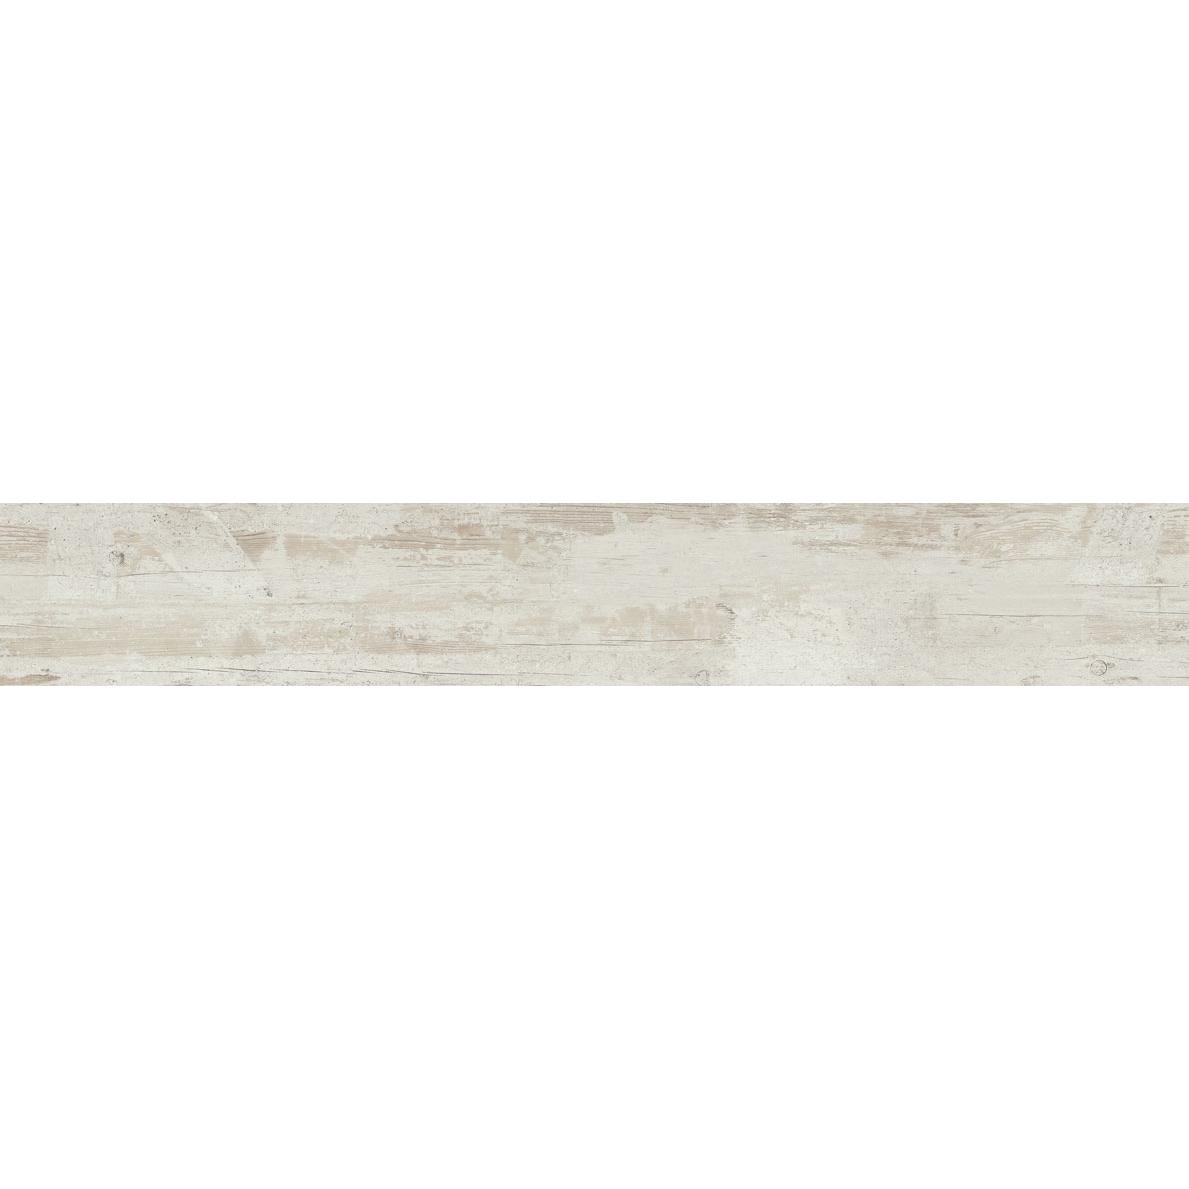 Płytka podłogowa deskopodobna Tubądzin Wood Work white STR 149,8x23 cm